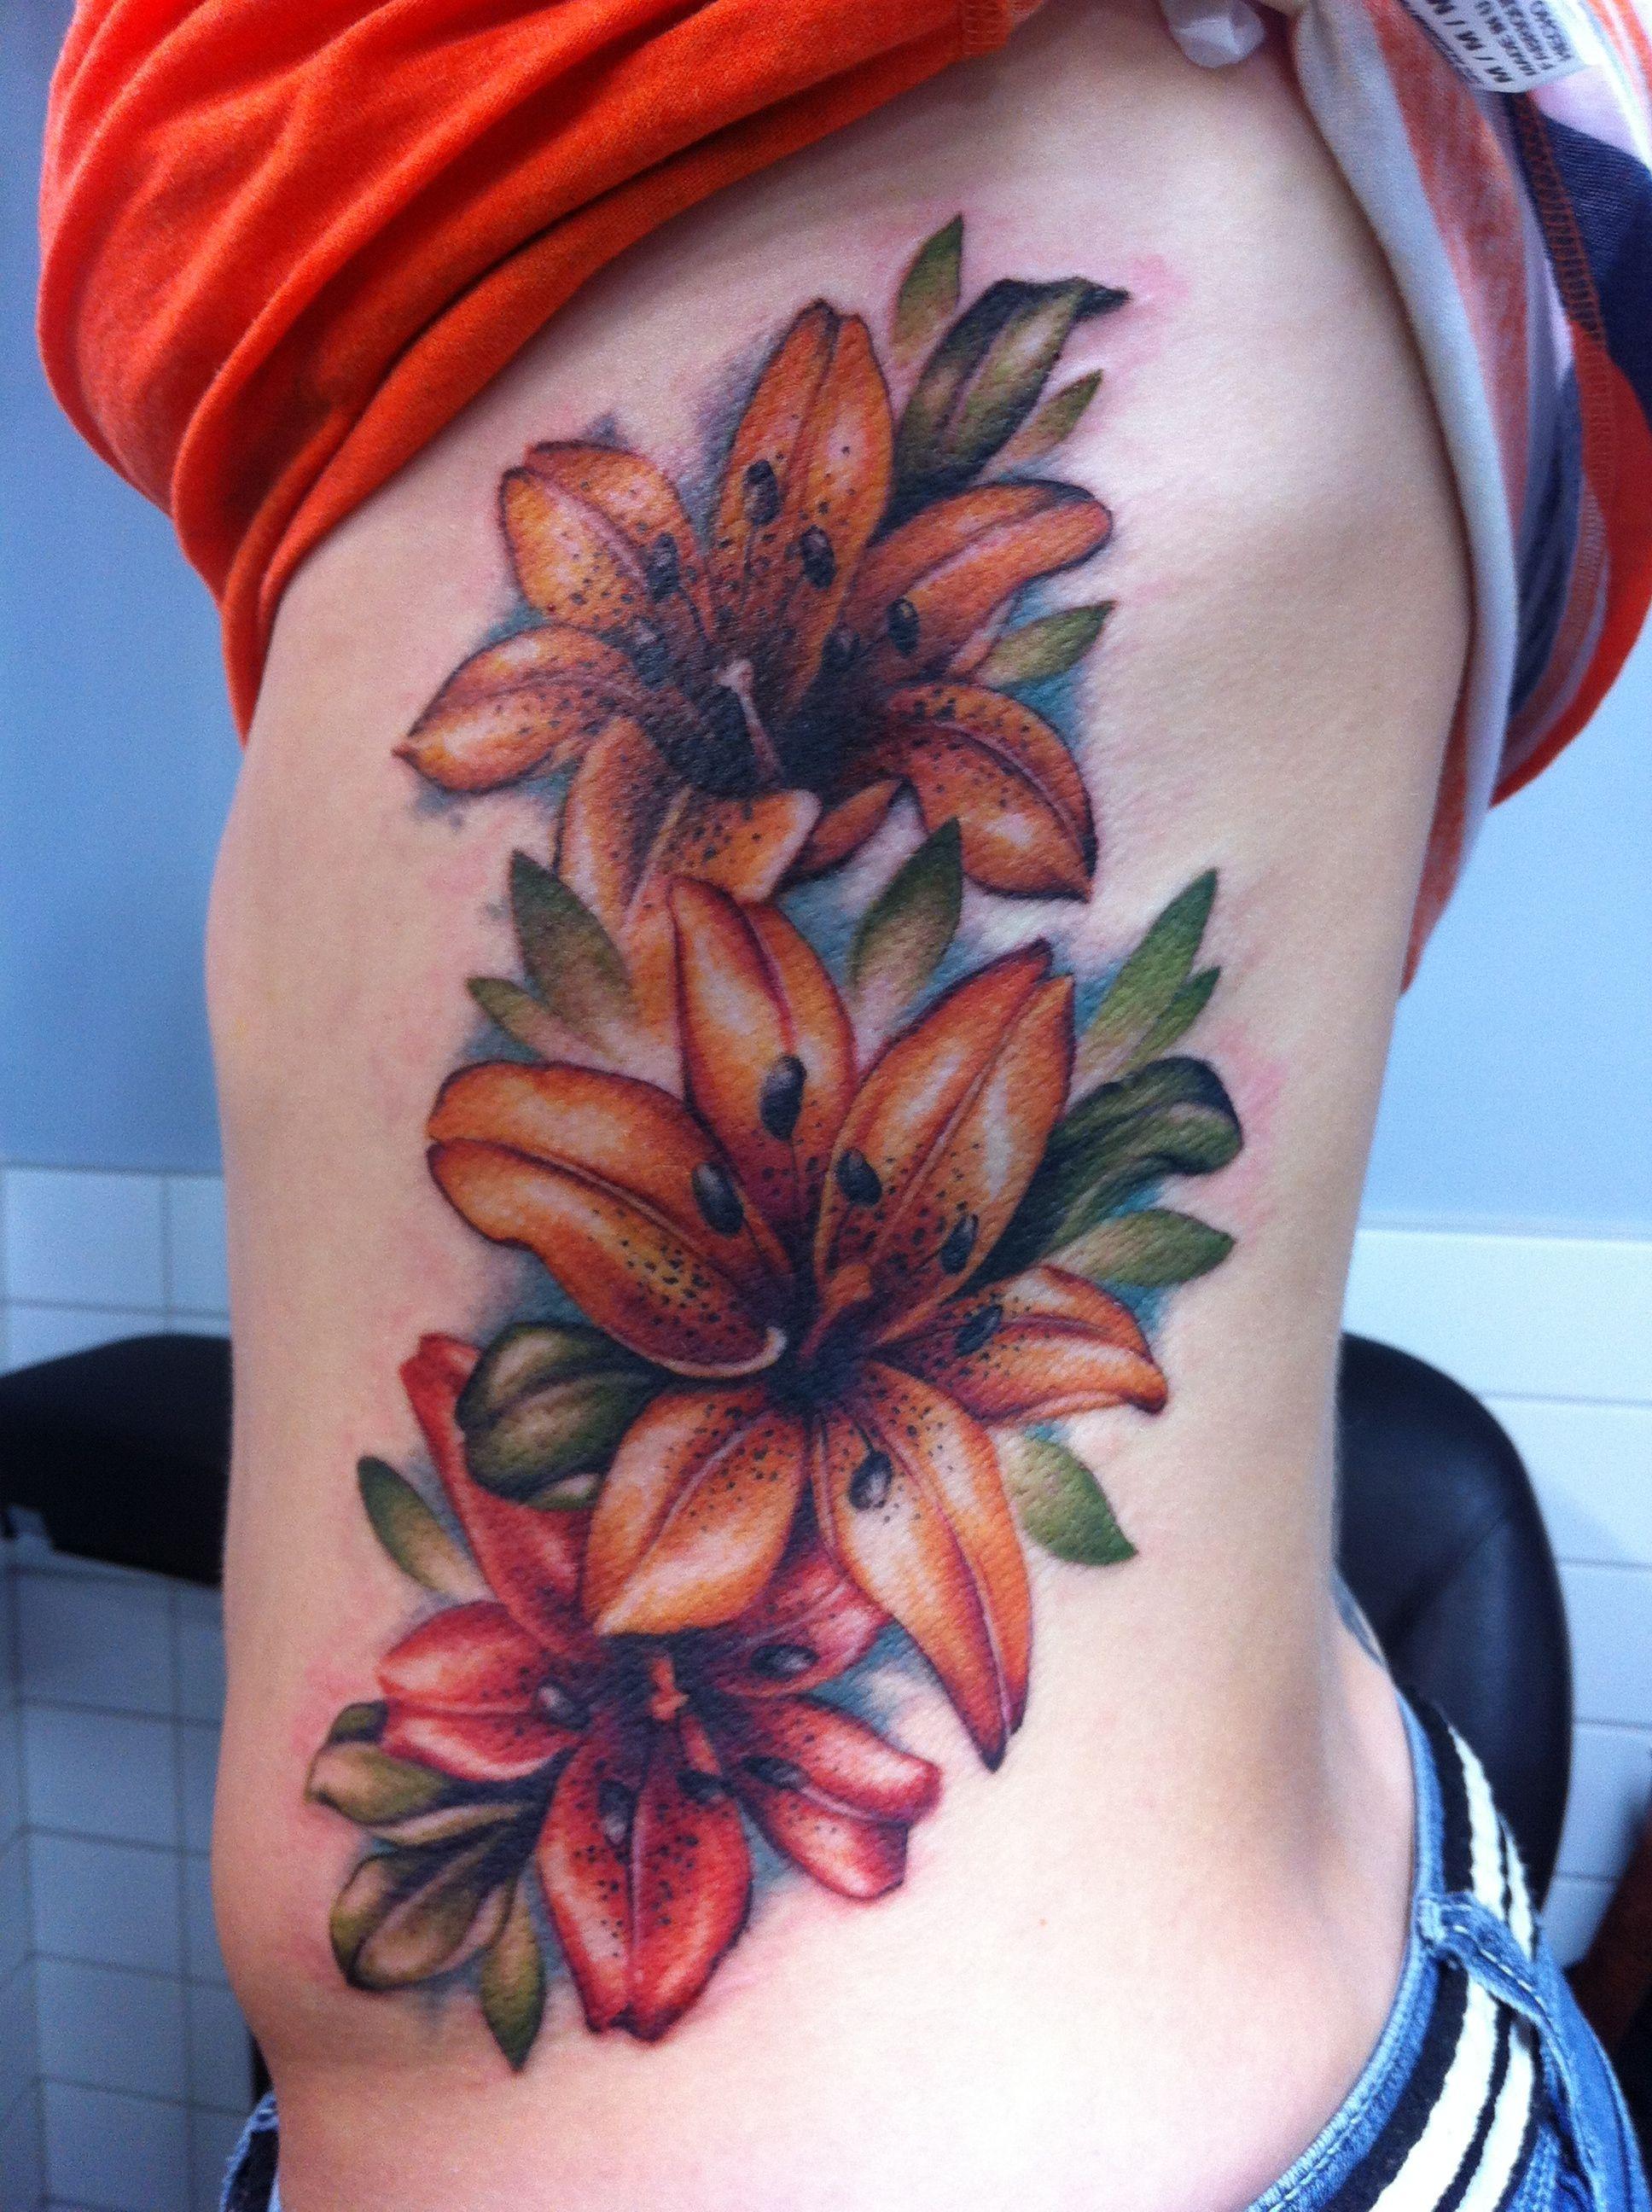 Tiger Lily Tattoo Design Tattoos Lilies tattoo